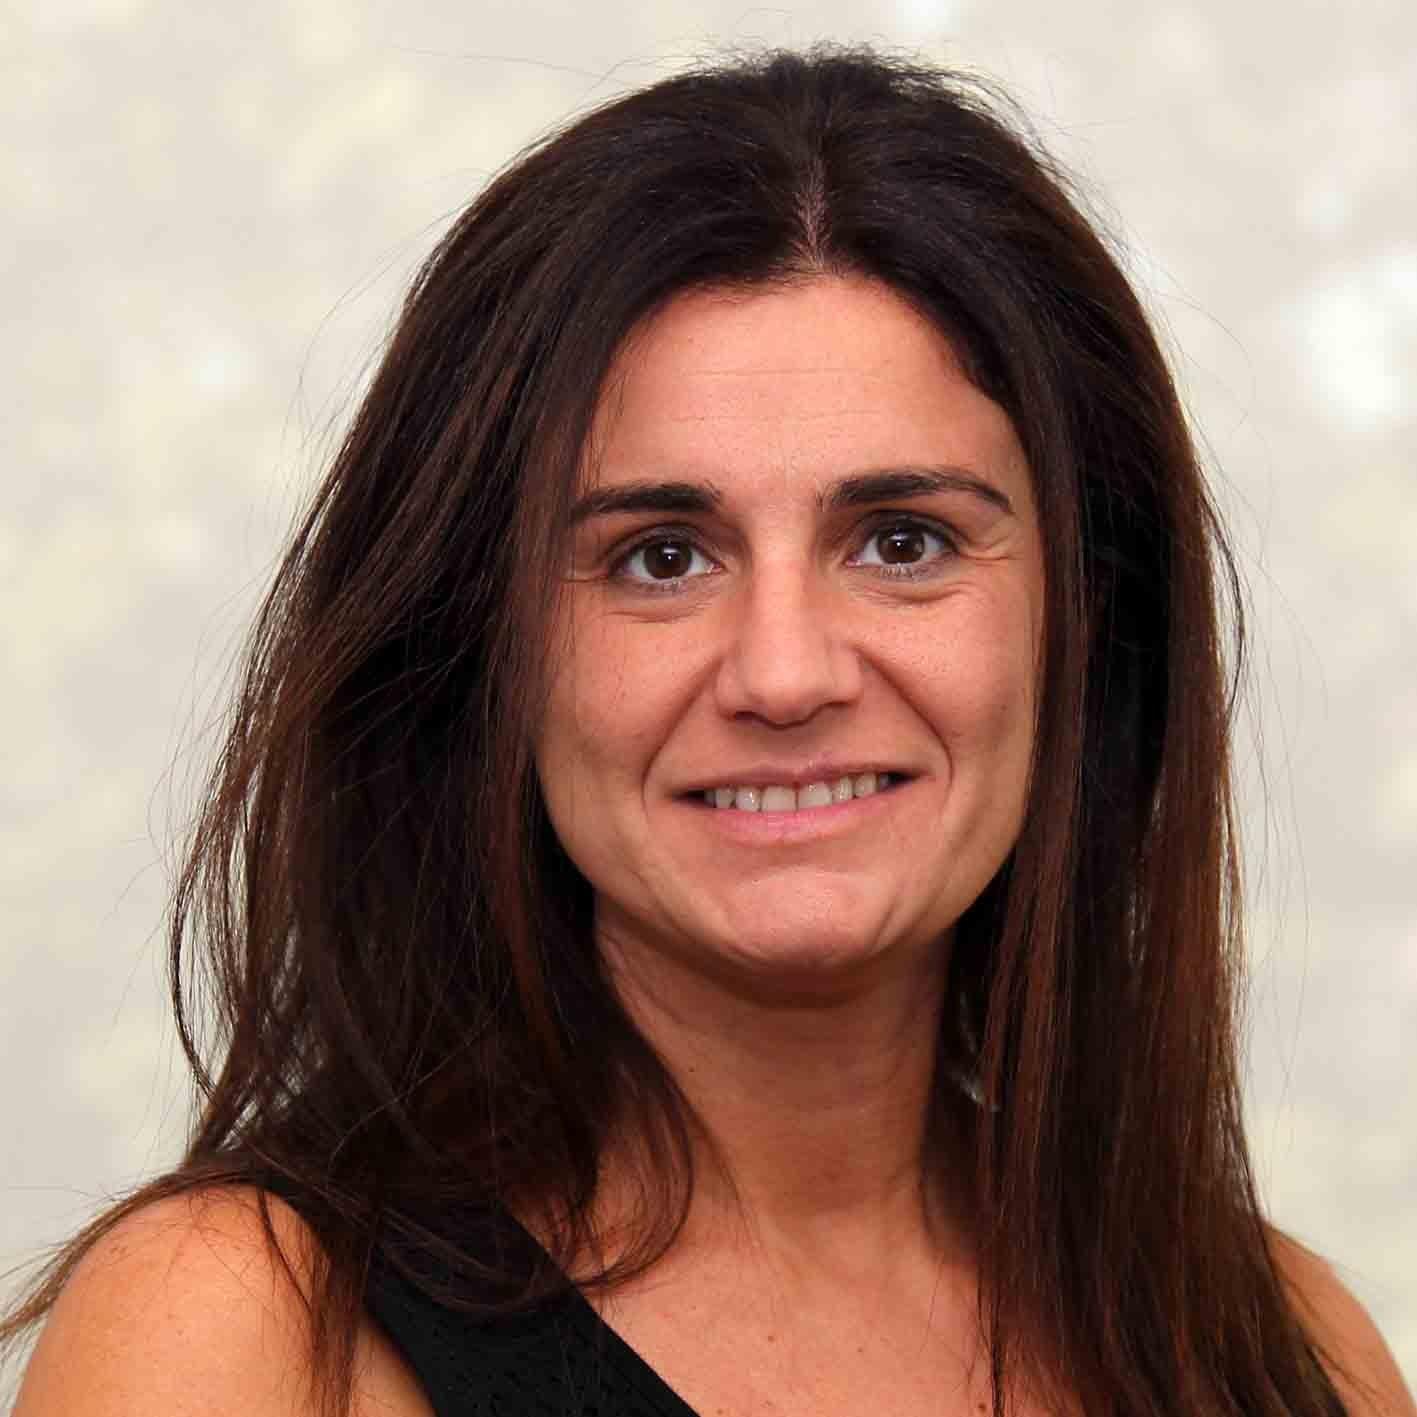 María del Carmen Borreguero Romero